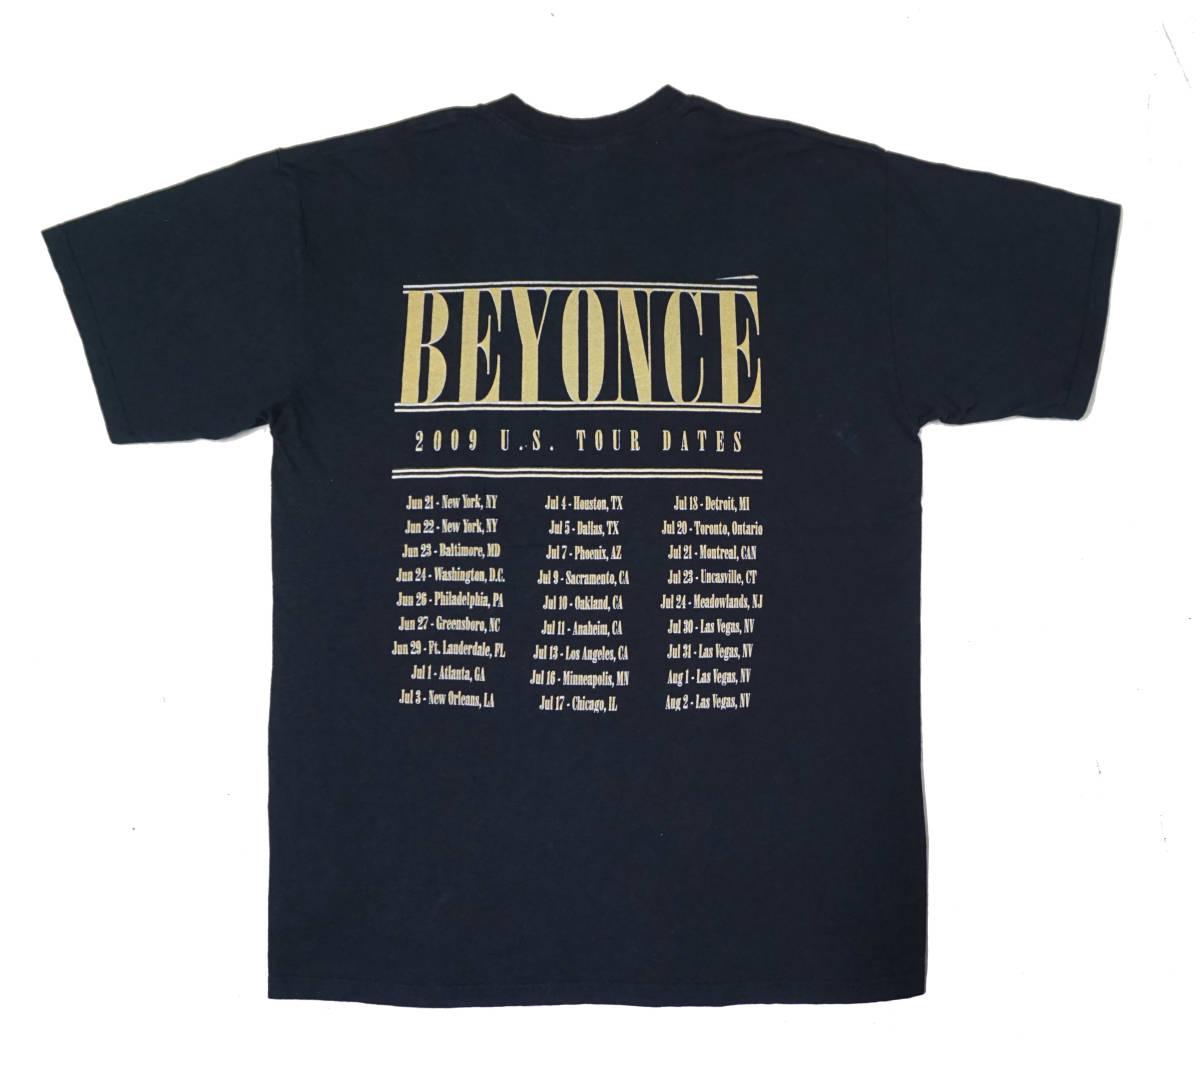 激レア! BEYONCE 『I AM... SASHA FIERCE』 ツアー Tシャツ JAY-Z KANYE WEST ASAP ROCKY NAS NWA 2PAC_画像2